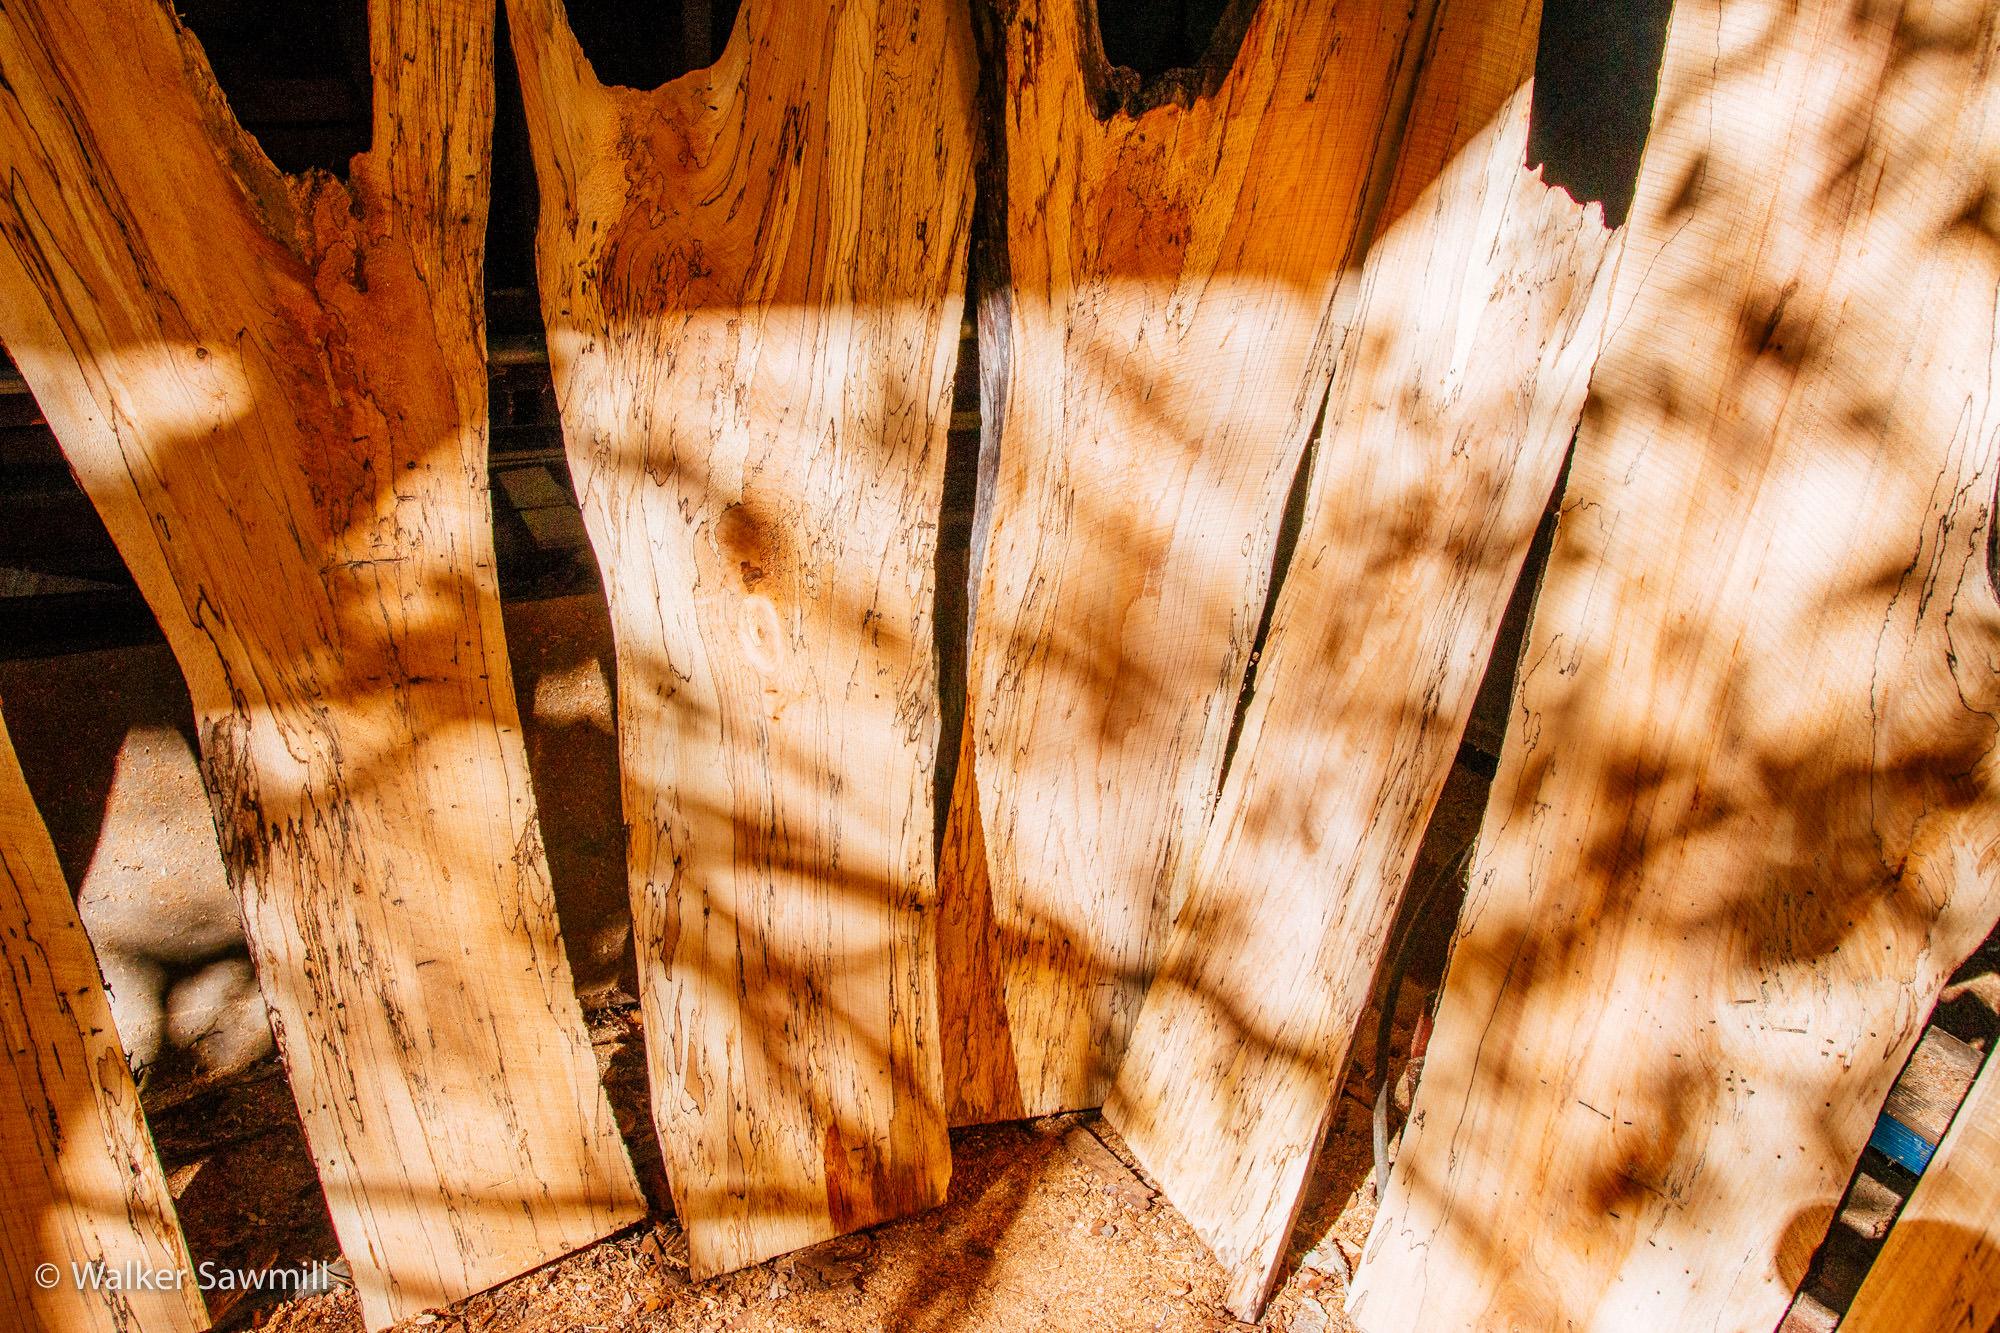 Wood John Walker Sawmill-220.jpg